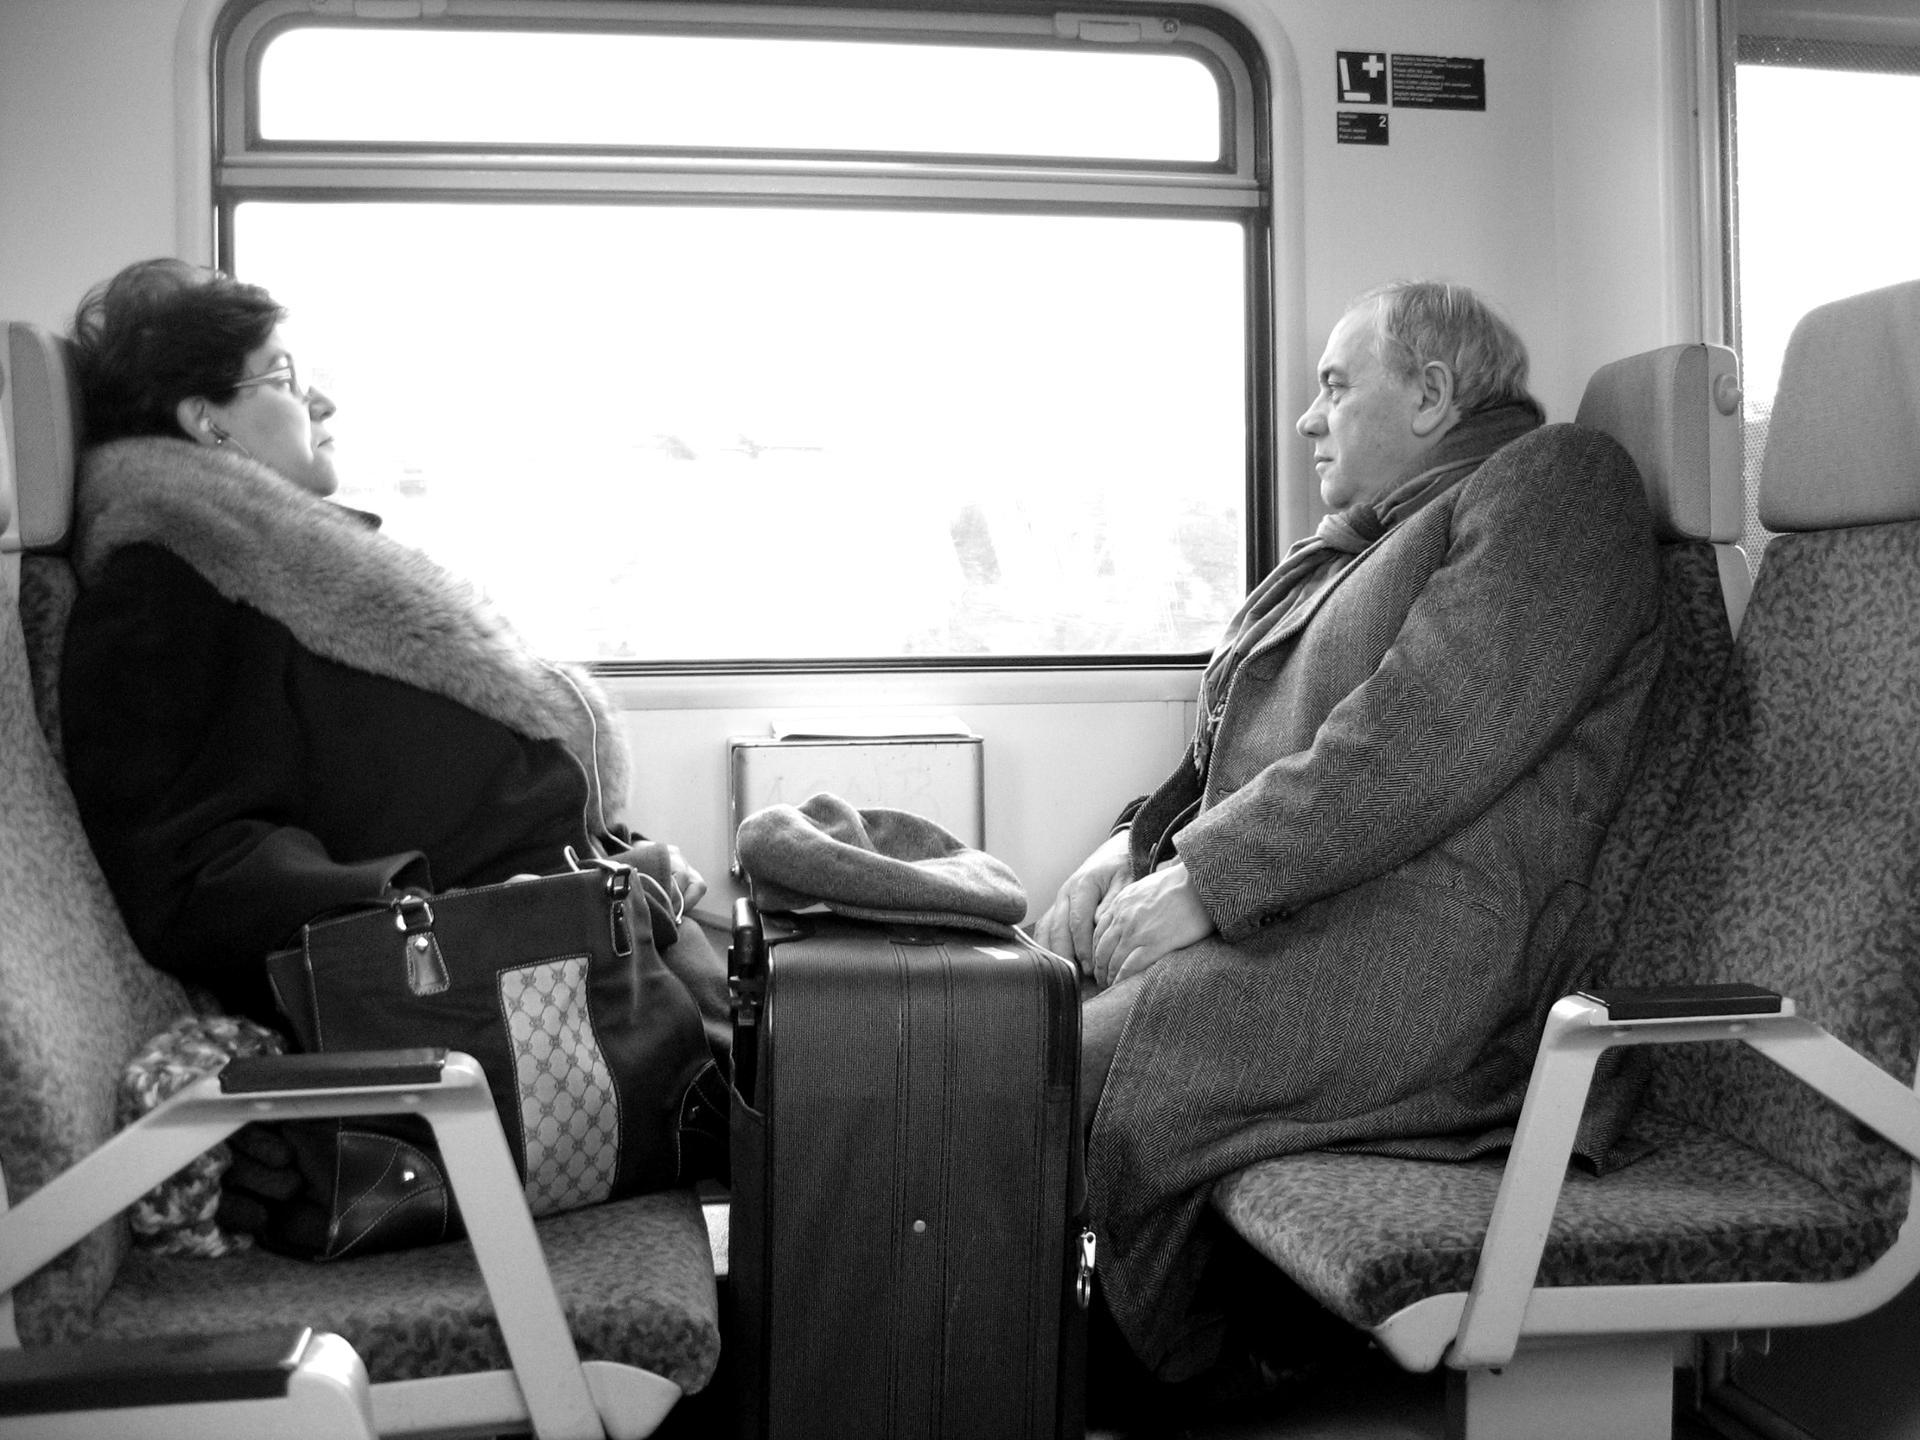 Un homme et une femme !